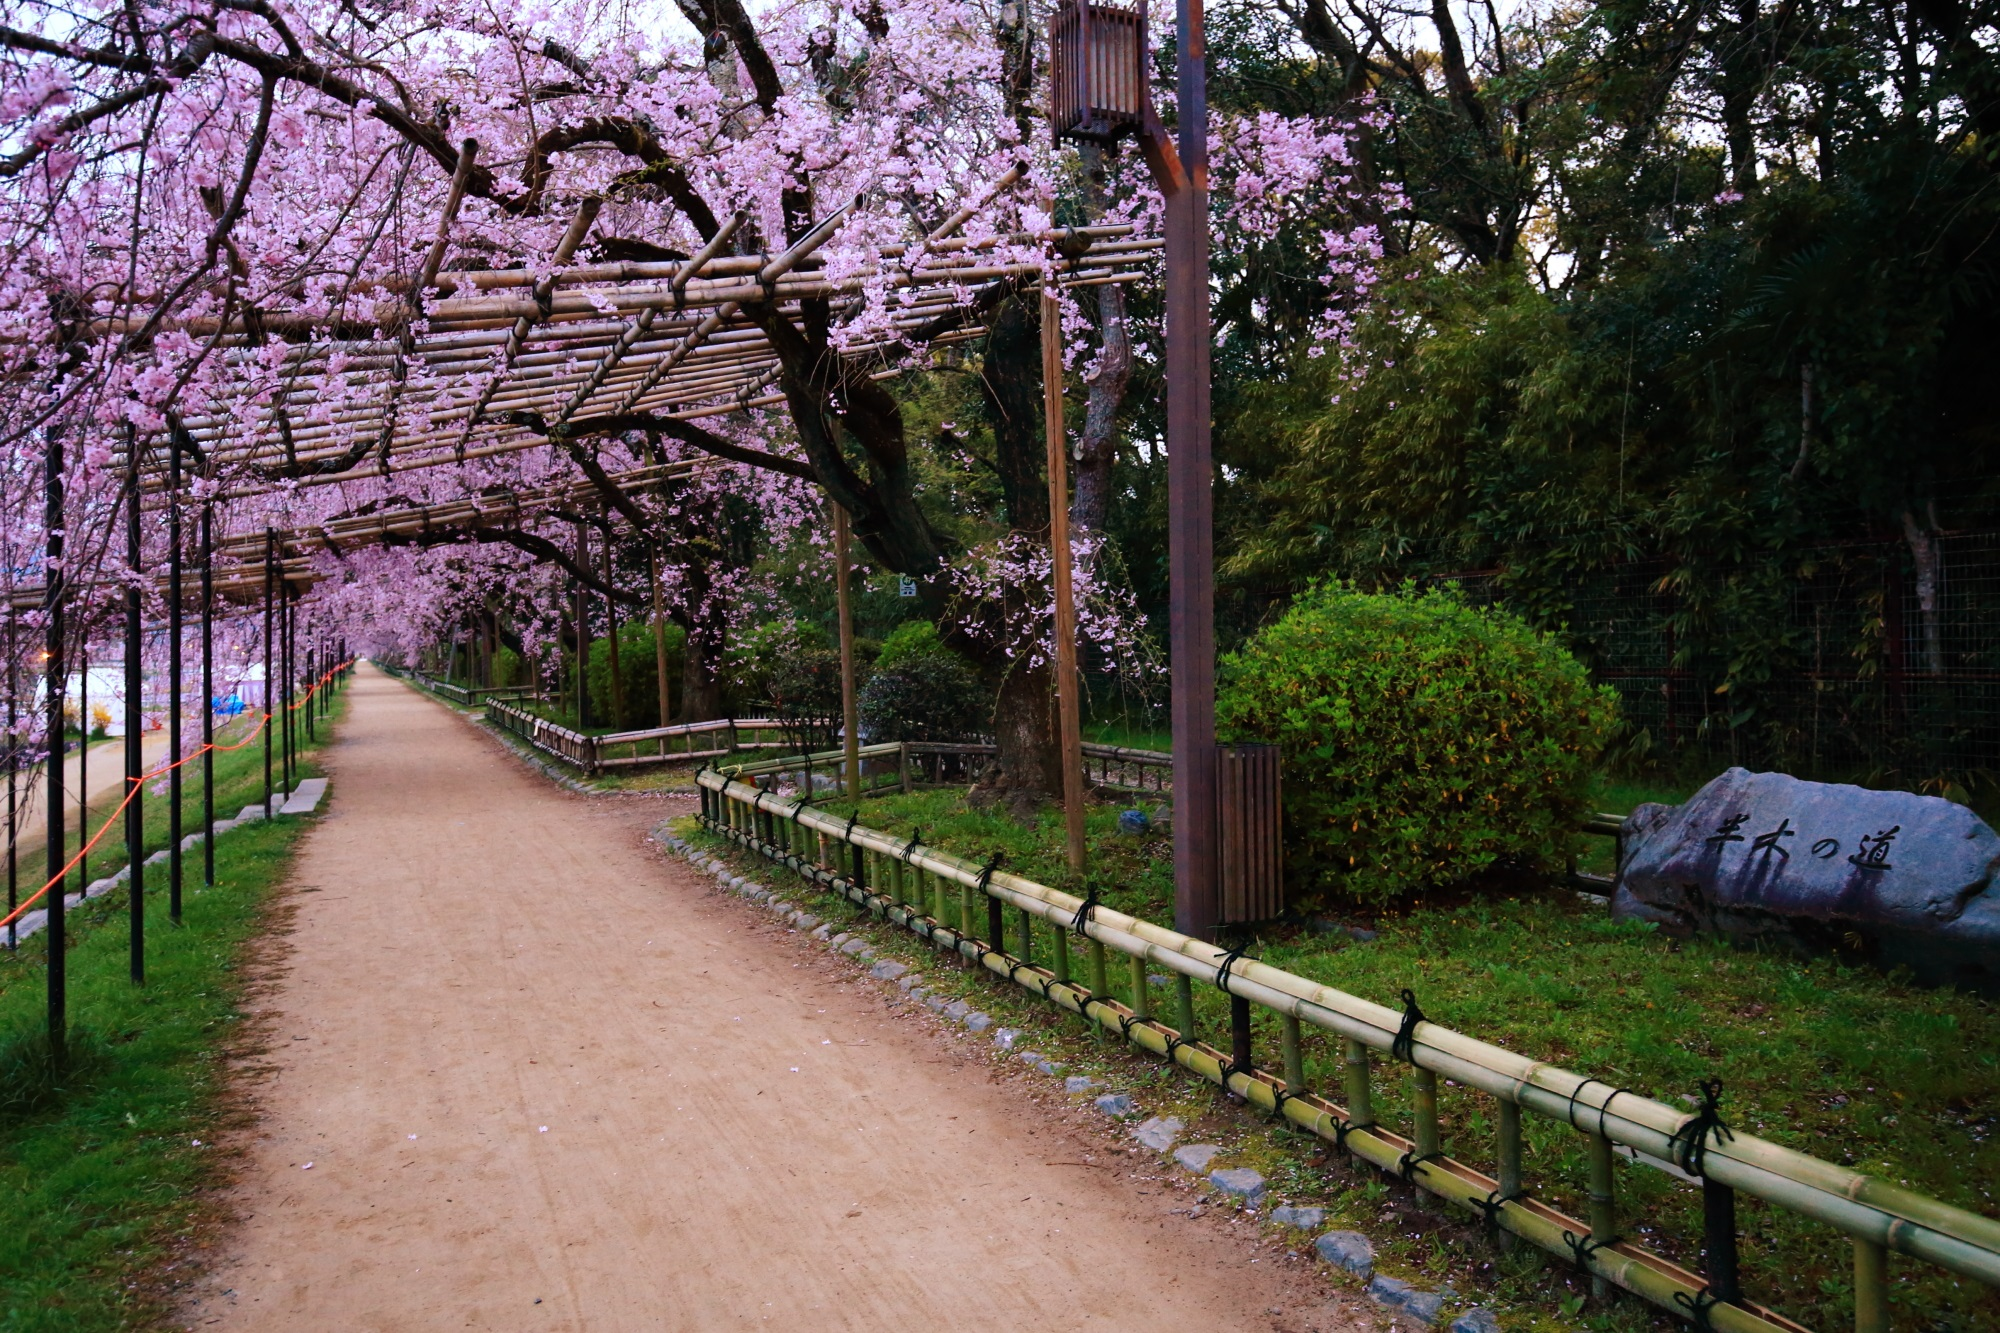 賀茂川沿いの半木の道(なからぎのみち)のしだれ桜並木